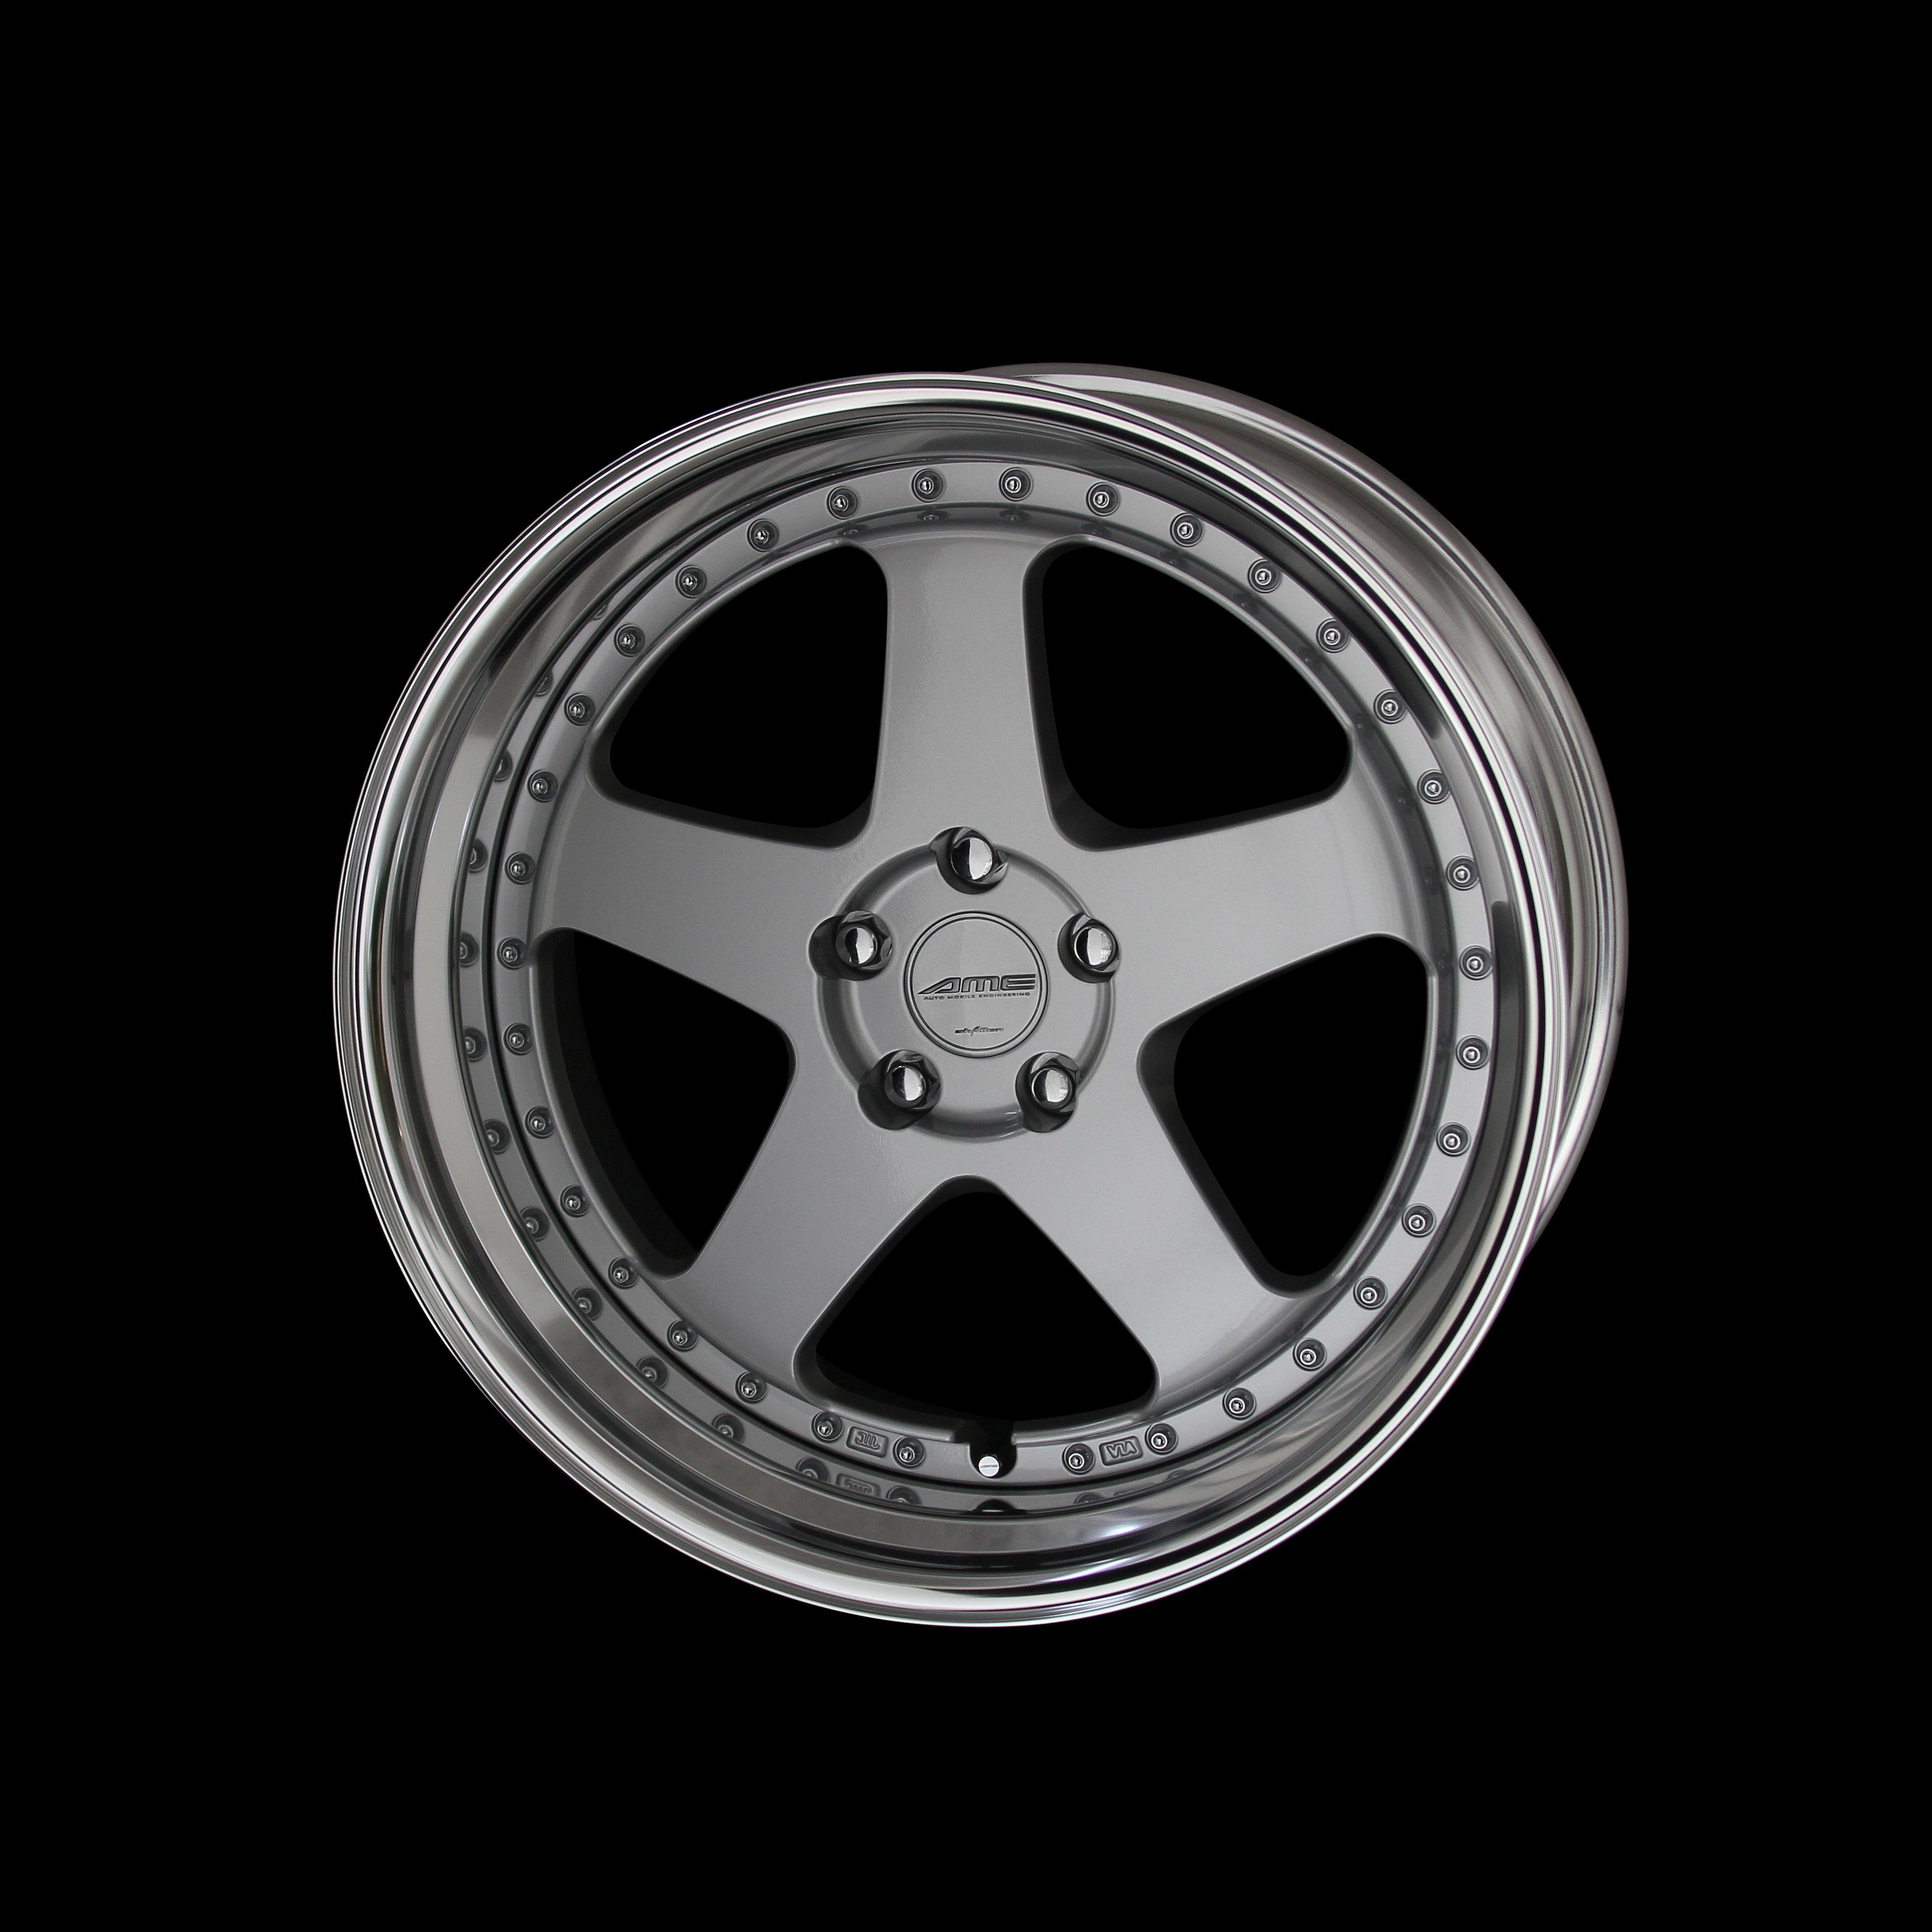 温故知新。シャレンVシリーズVFX - shallen V-series, AME Premium Shop, AME Wheels, AME Wheel, AME, SHALLEN, shallen V-series Limited Gold